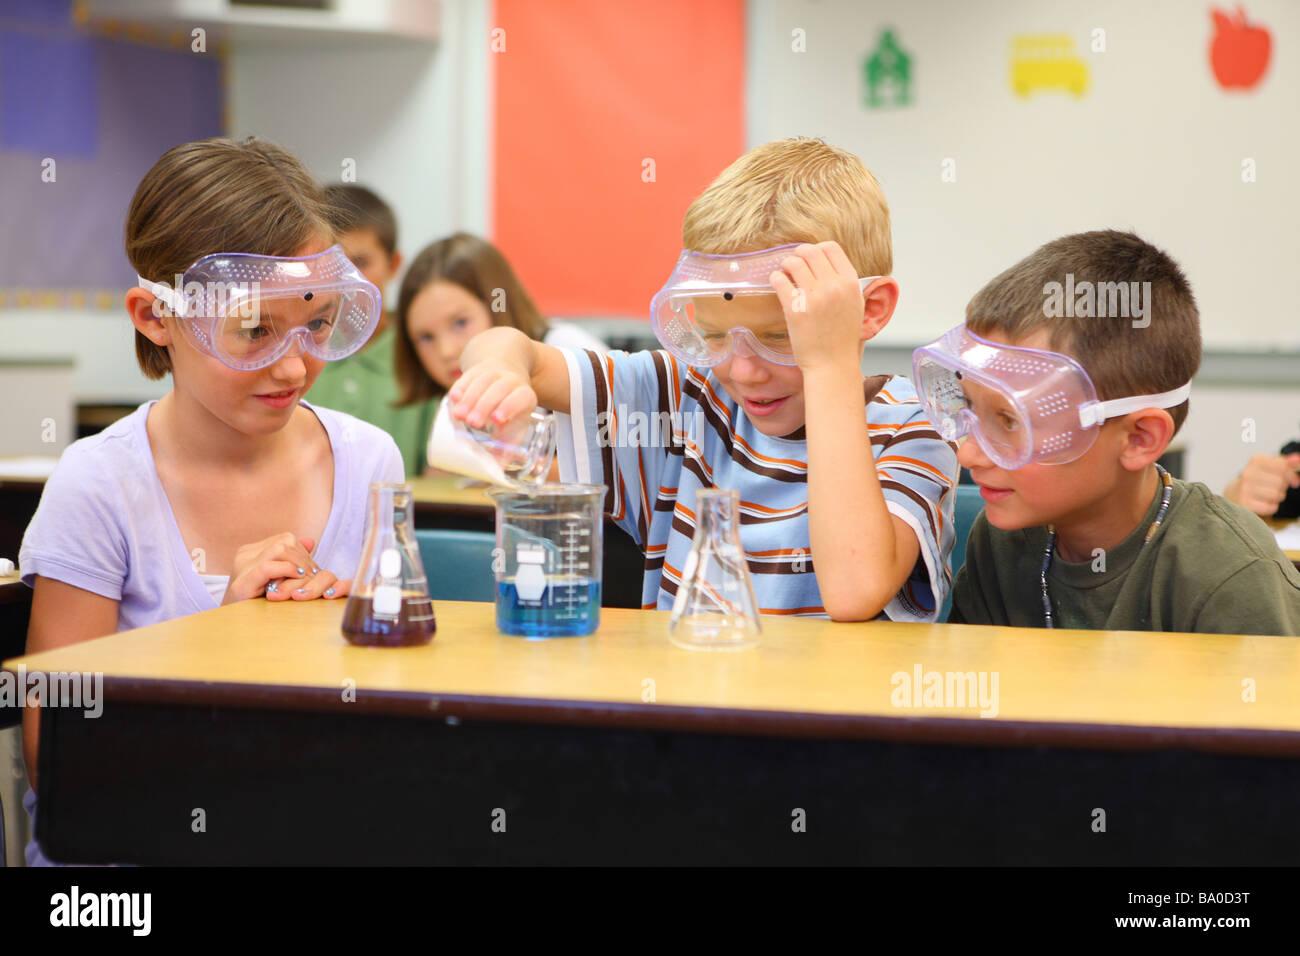 La scuola dei bambini a fare un esperimento scientifico Immagini Stock